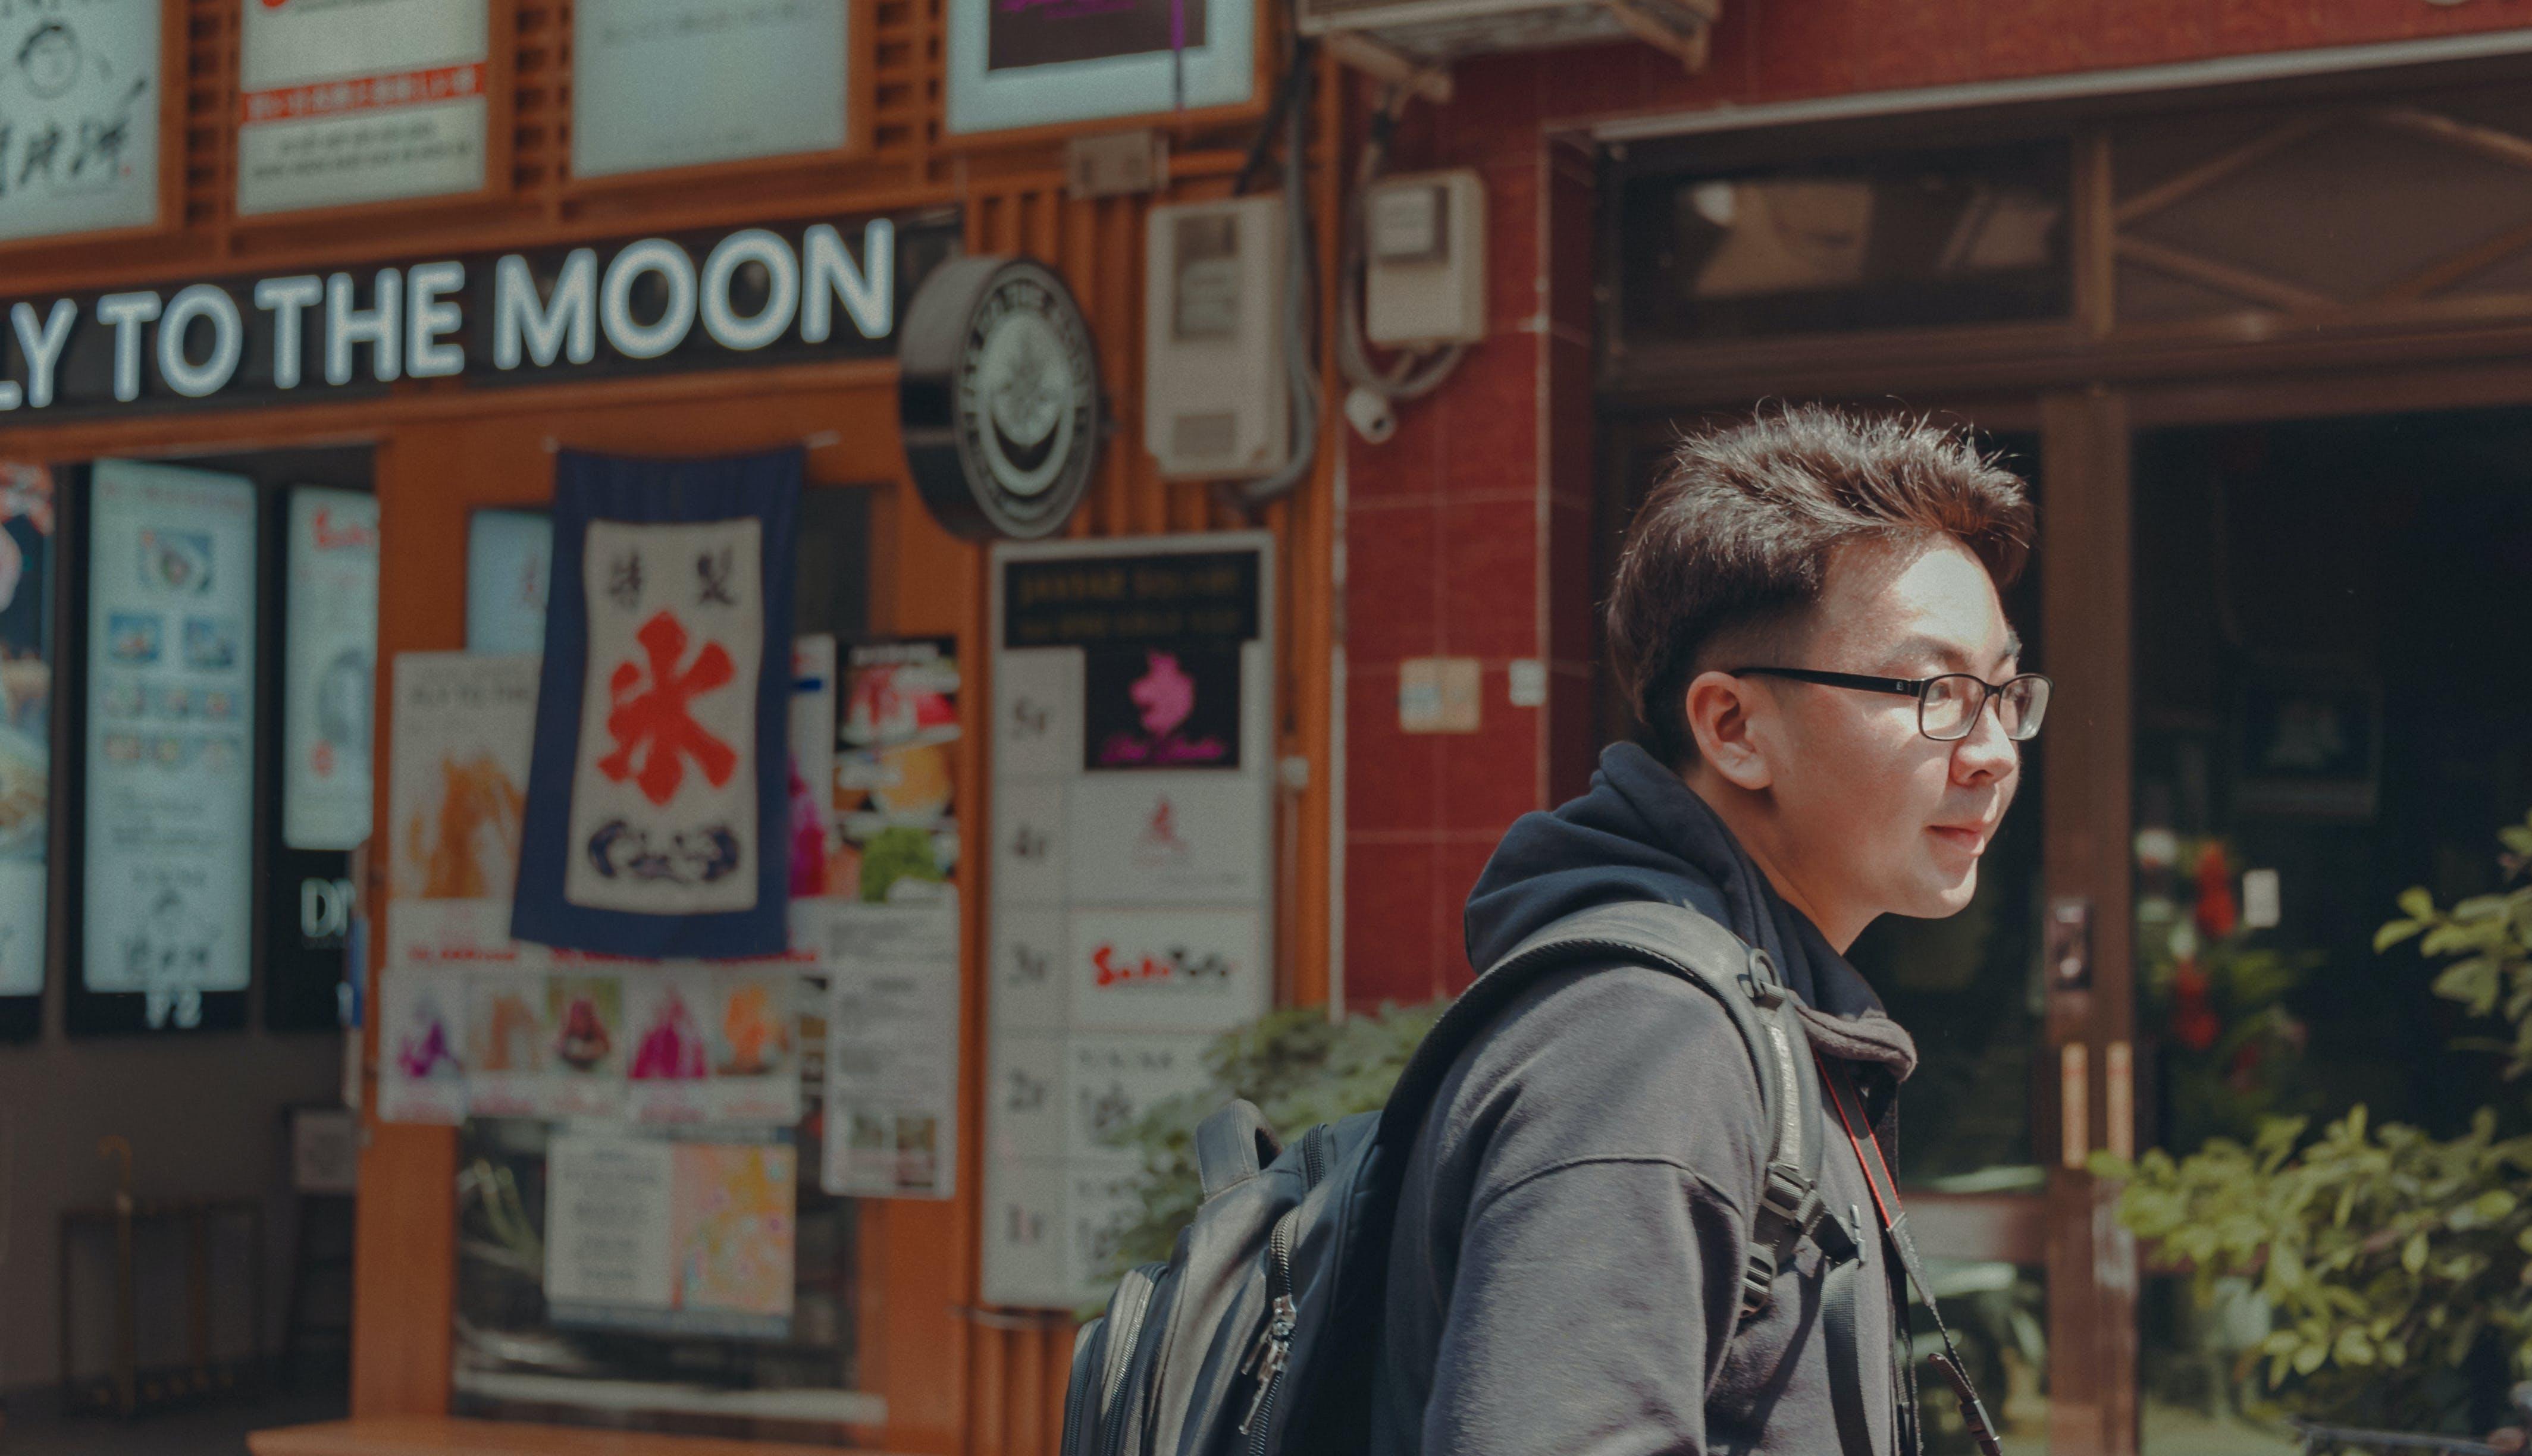 Man With Eyeglasses Wearing Black Hoodie and Black Backpack